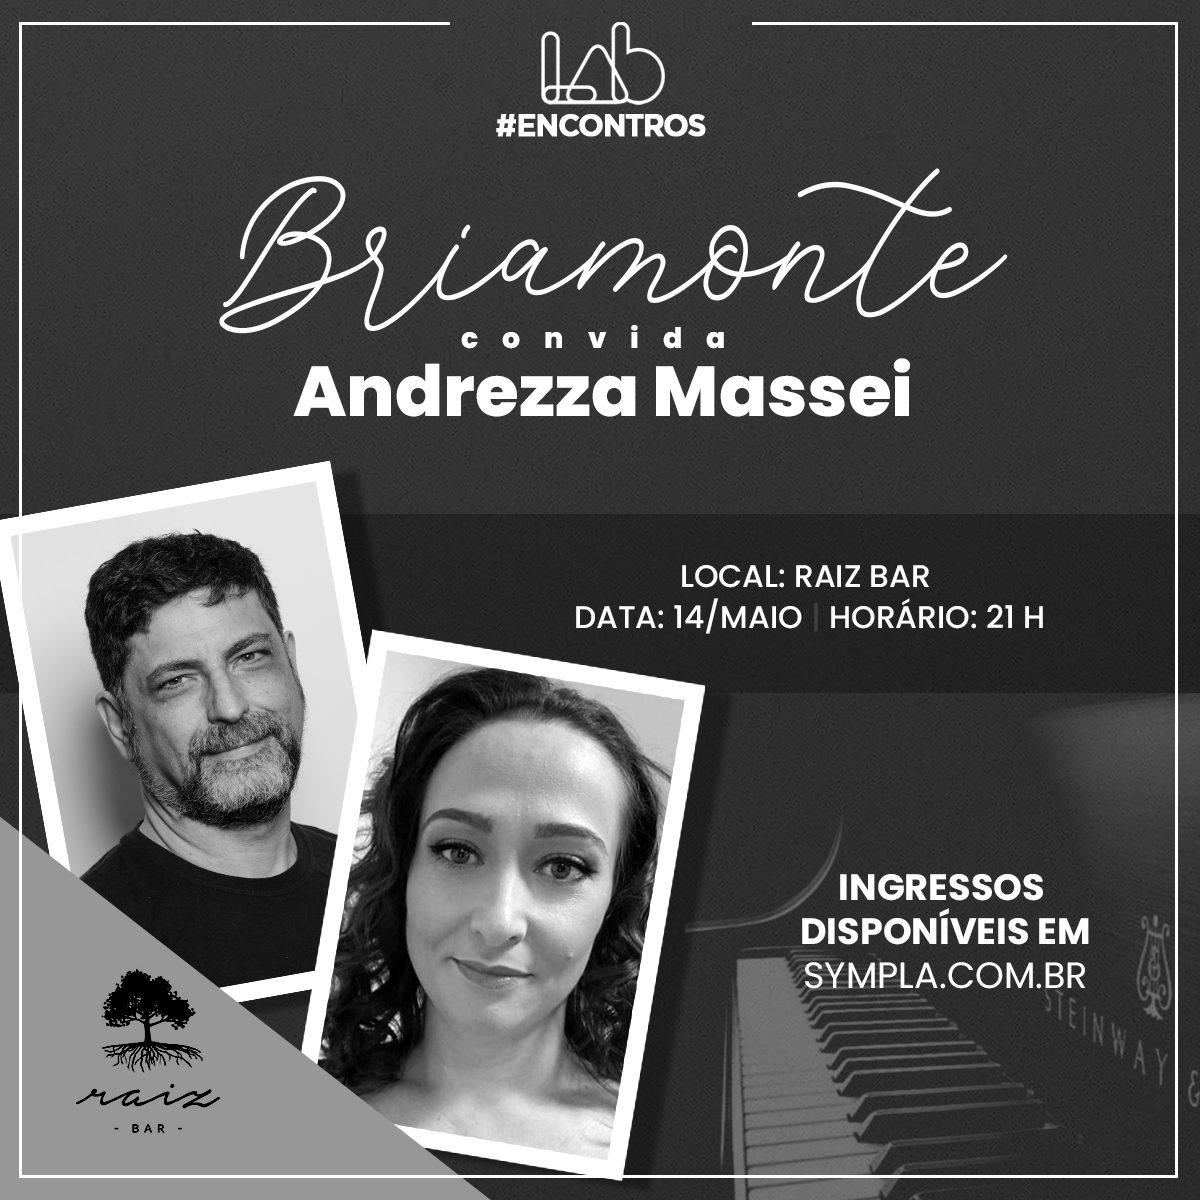 """Maestro Miguel Briamonte recebe Andrezza Massei no primeiro """"Briamonte Convida..."""""""